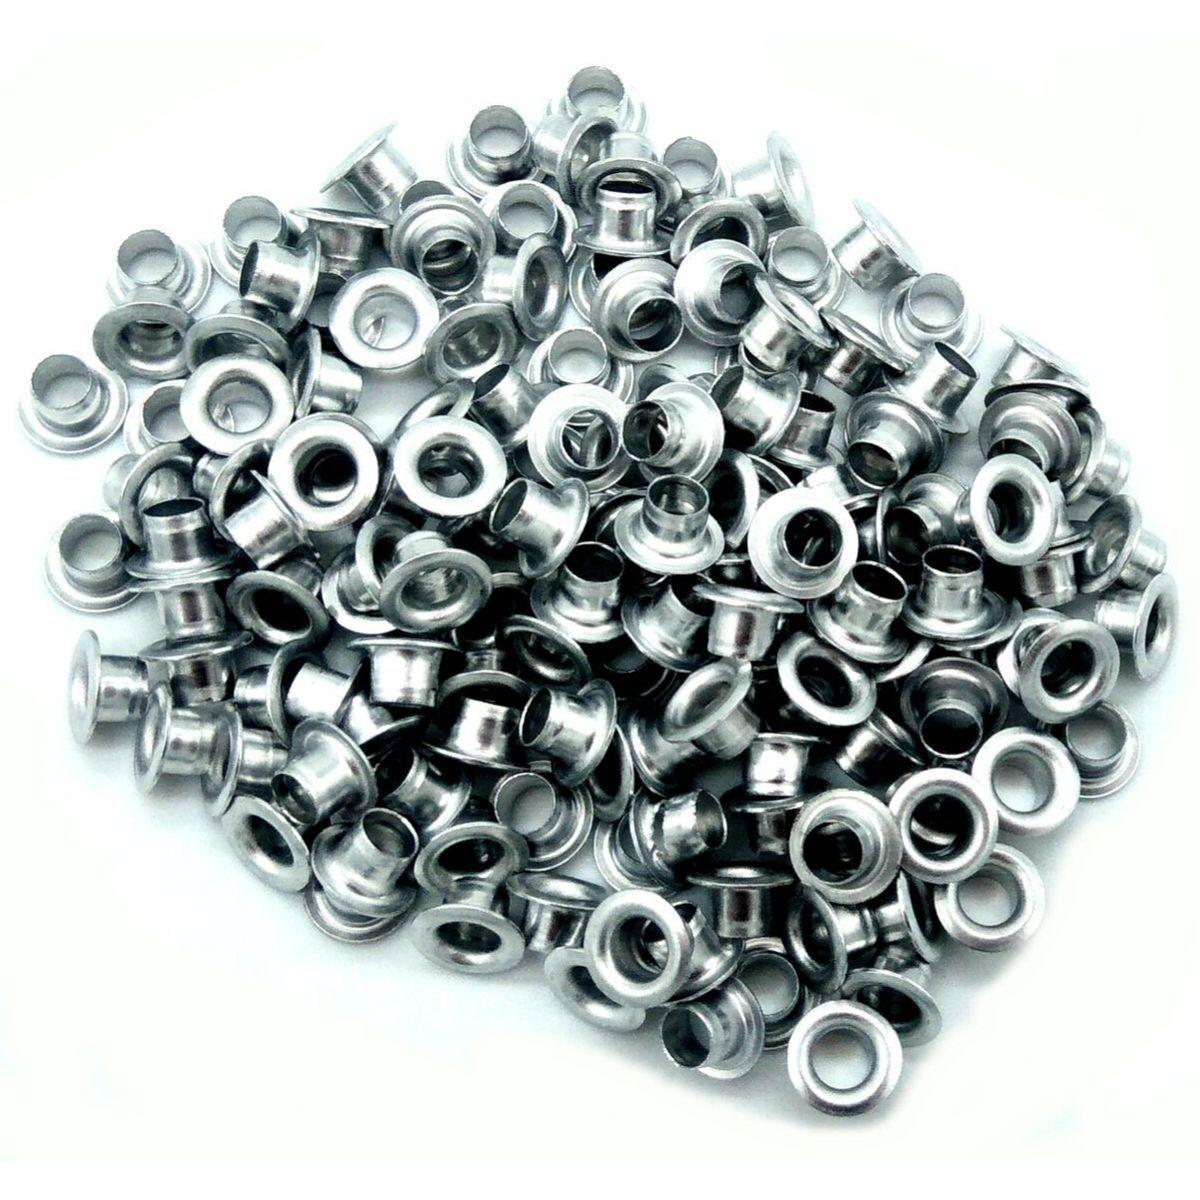 Ilhós Nº 54 Alumínio 8mm Externo Niquelado